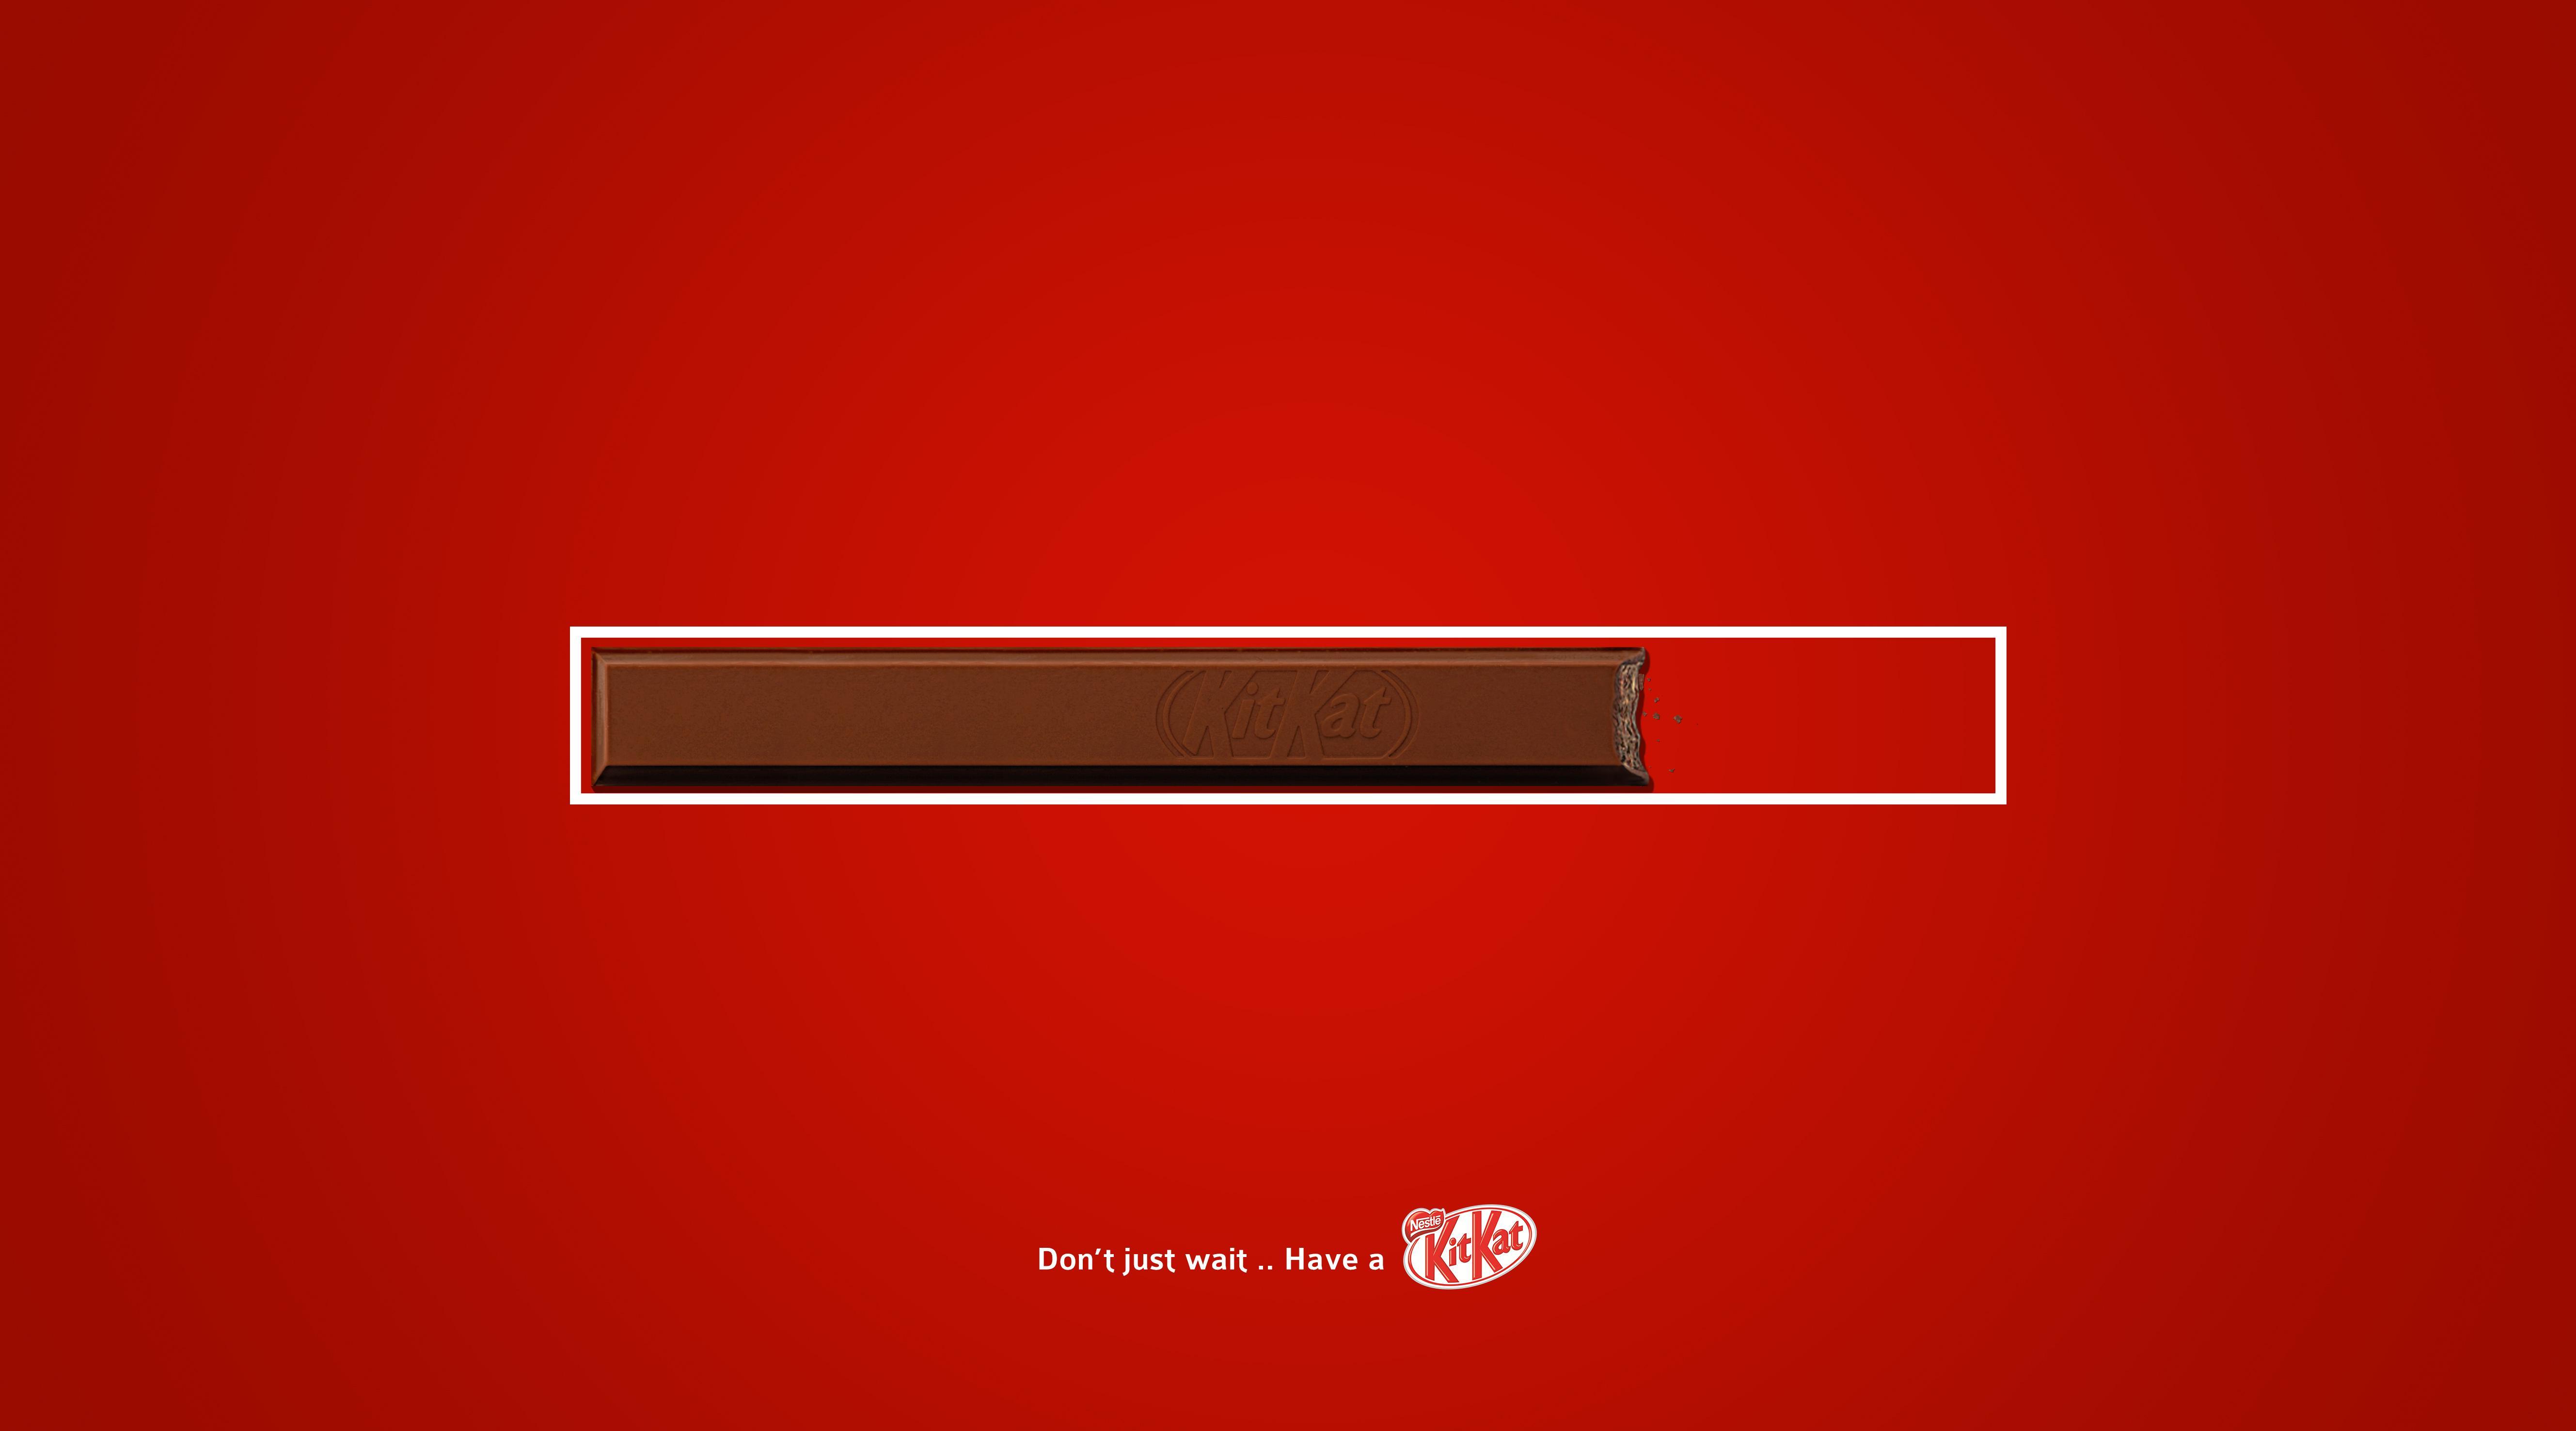 Kit Kat Print Ad - Kit Kat, 3